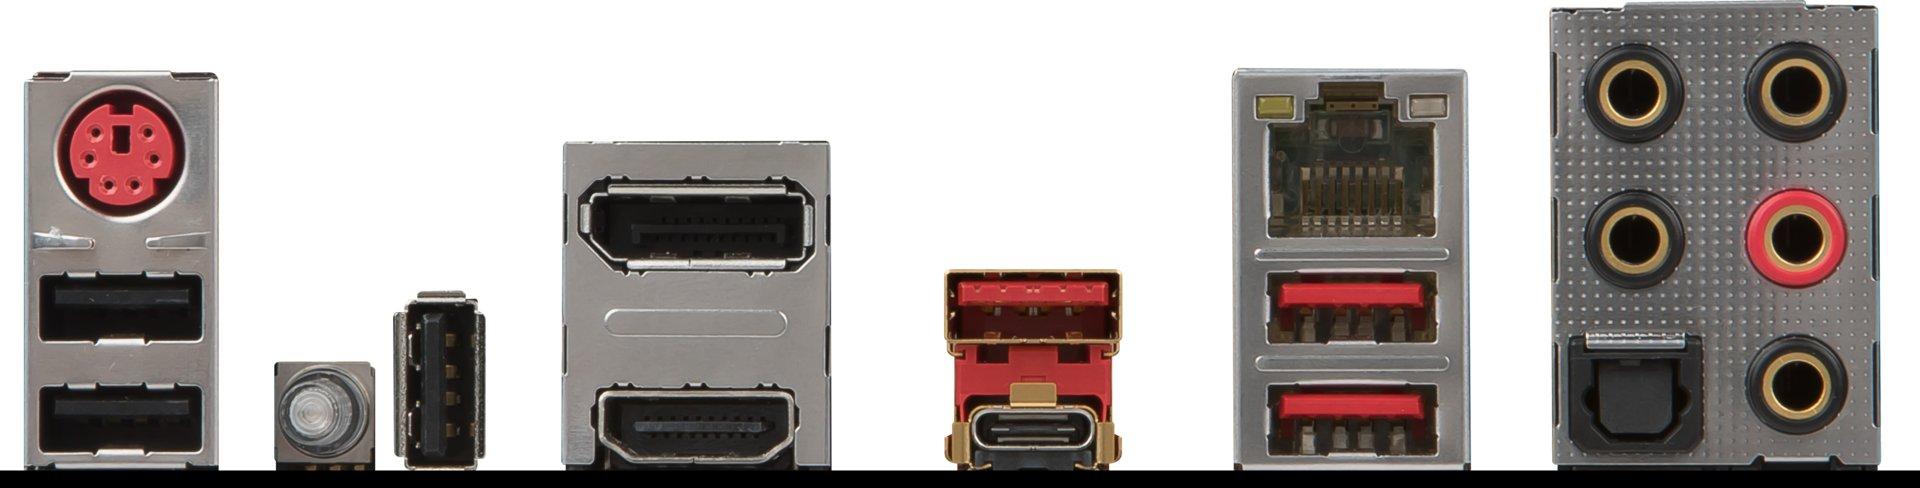 MSI Z270 Gaming M6 AC – speziell stabilisierte USB-Anschlüsse für Virtual Reality